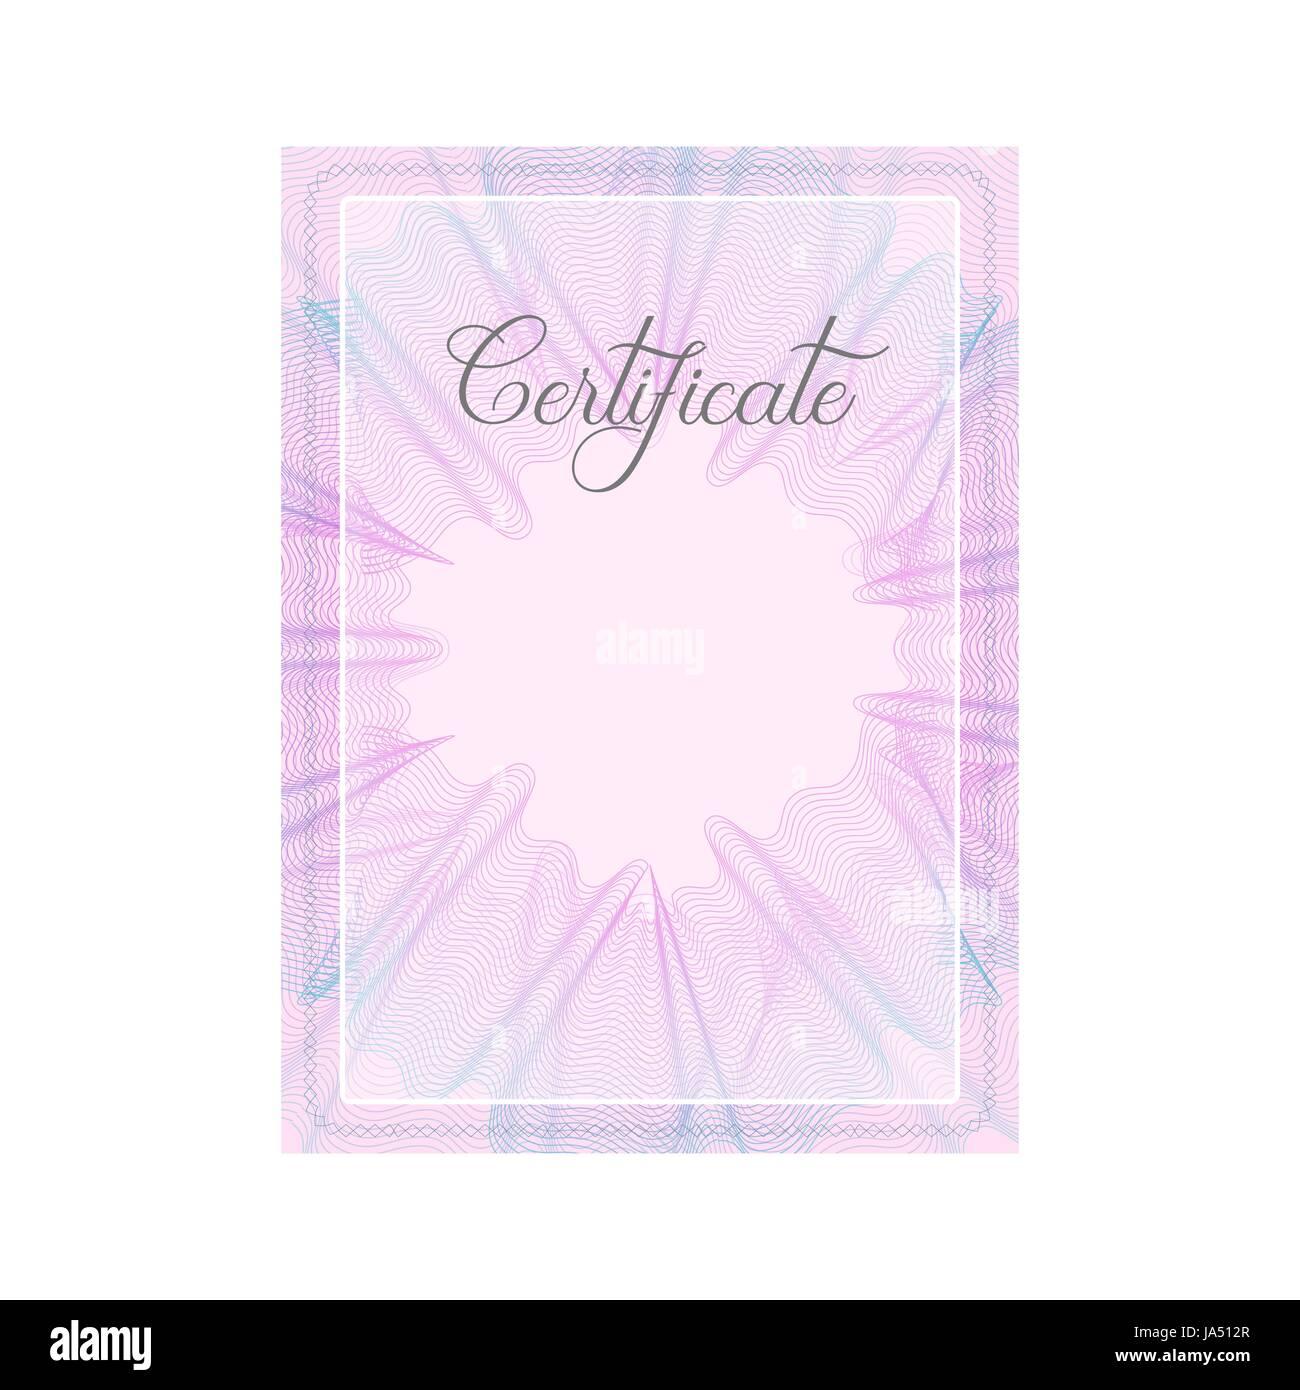 Fein Grenzen Für Zertifikatvorlagen Ideen - Entry Level Resume ...